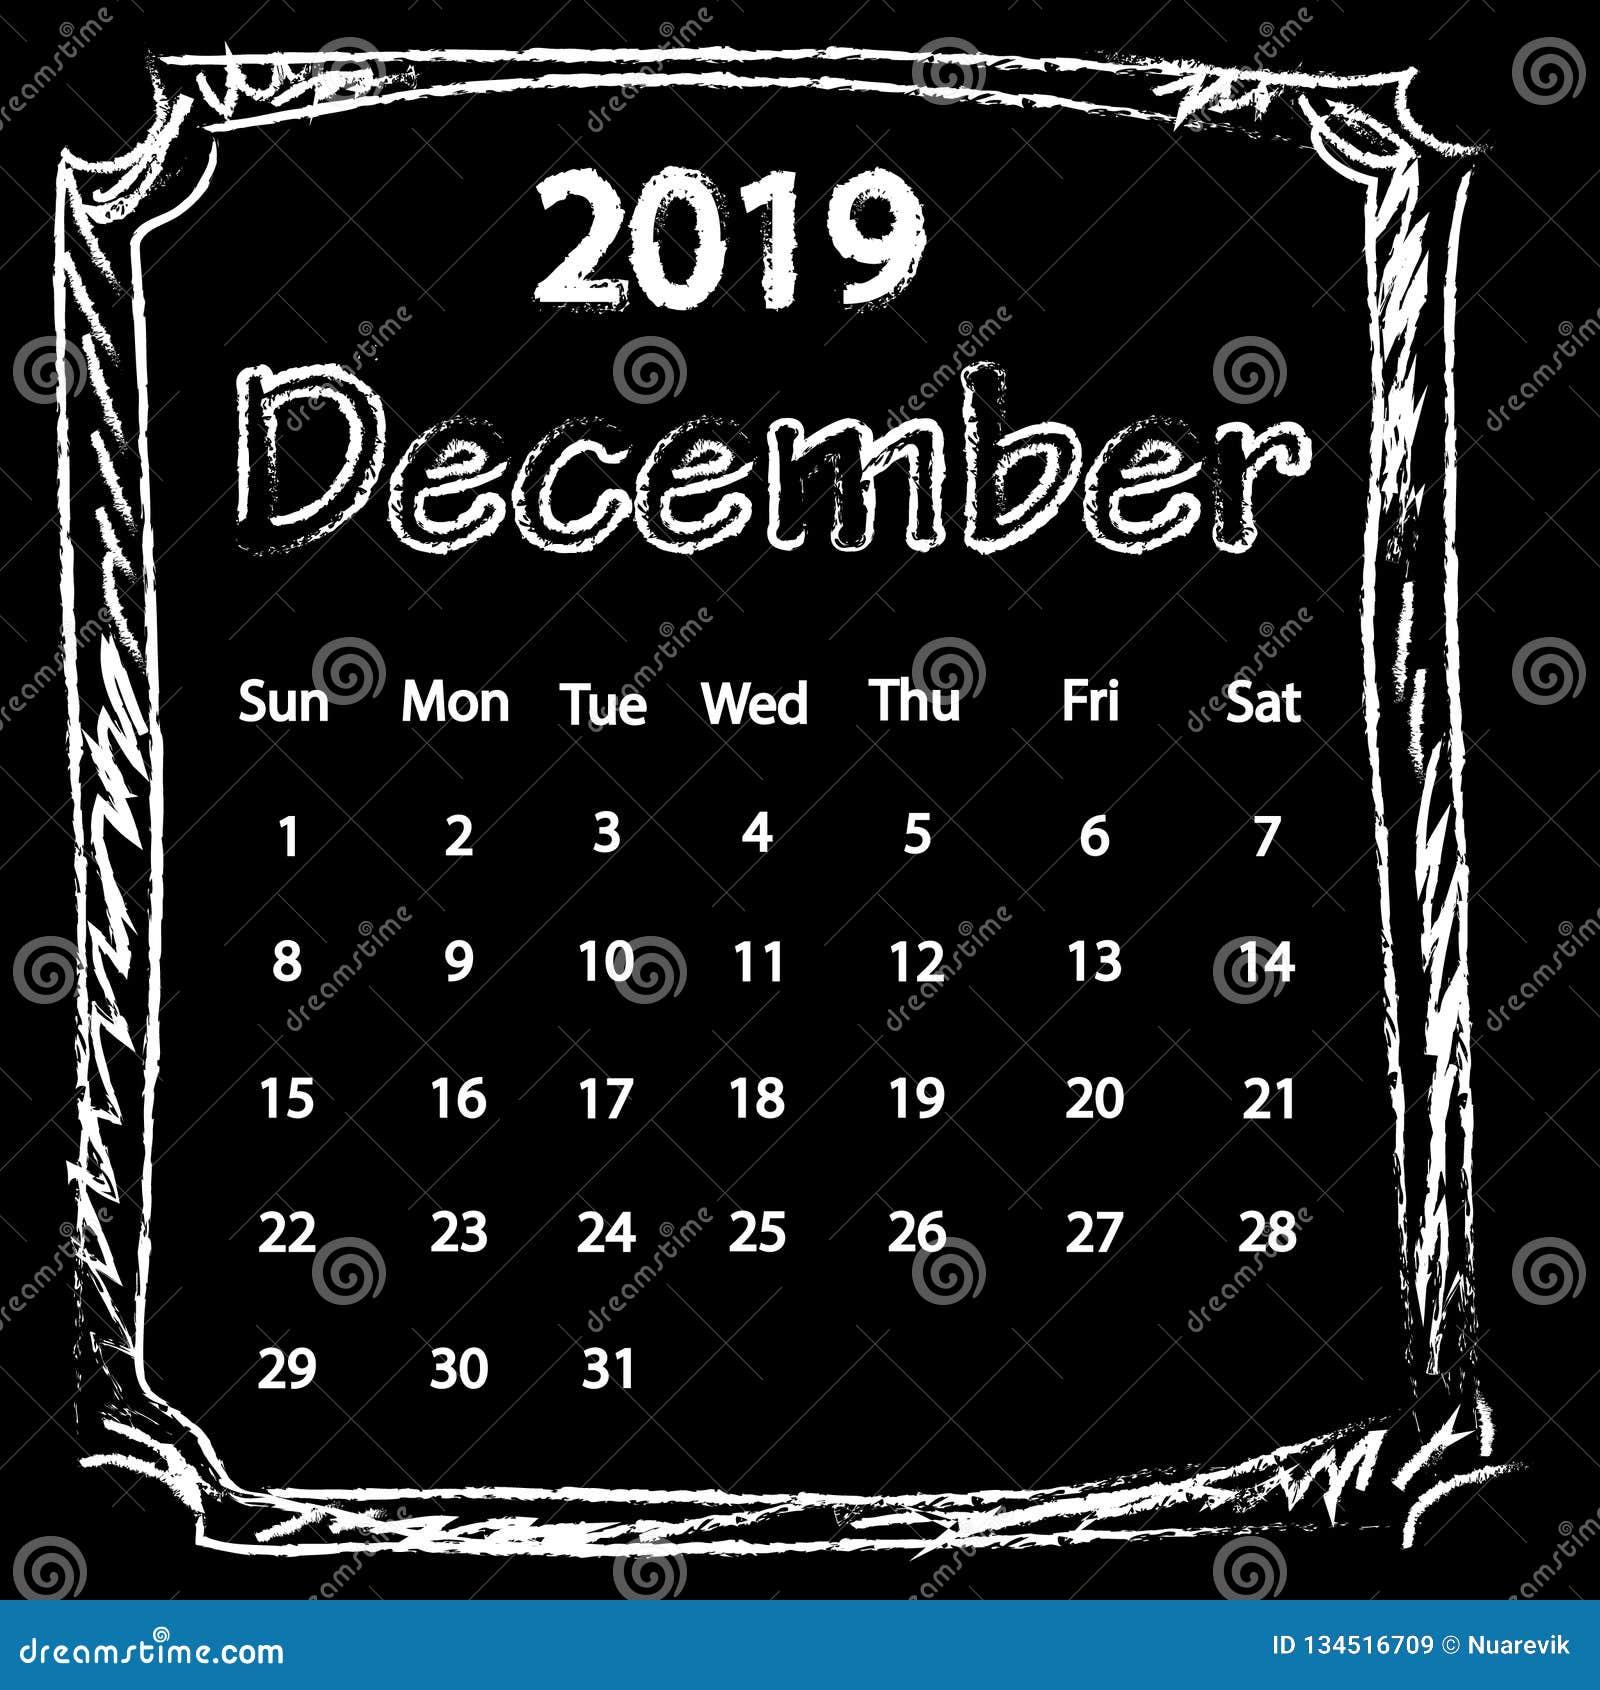 Calendario Dibujo Blanco Y Negro.El Dibujo De Tiza Blanco Garabatea El Calendario Del Marco